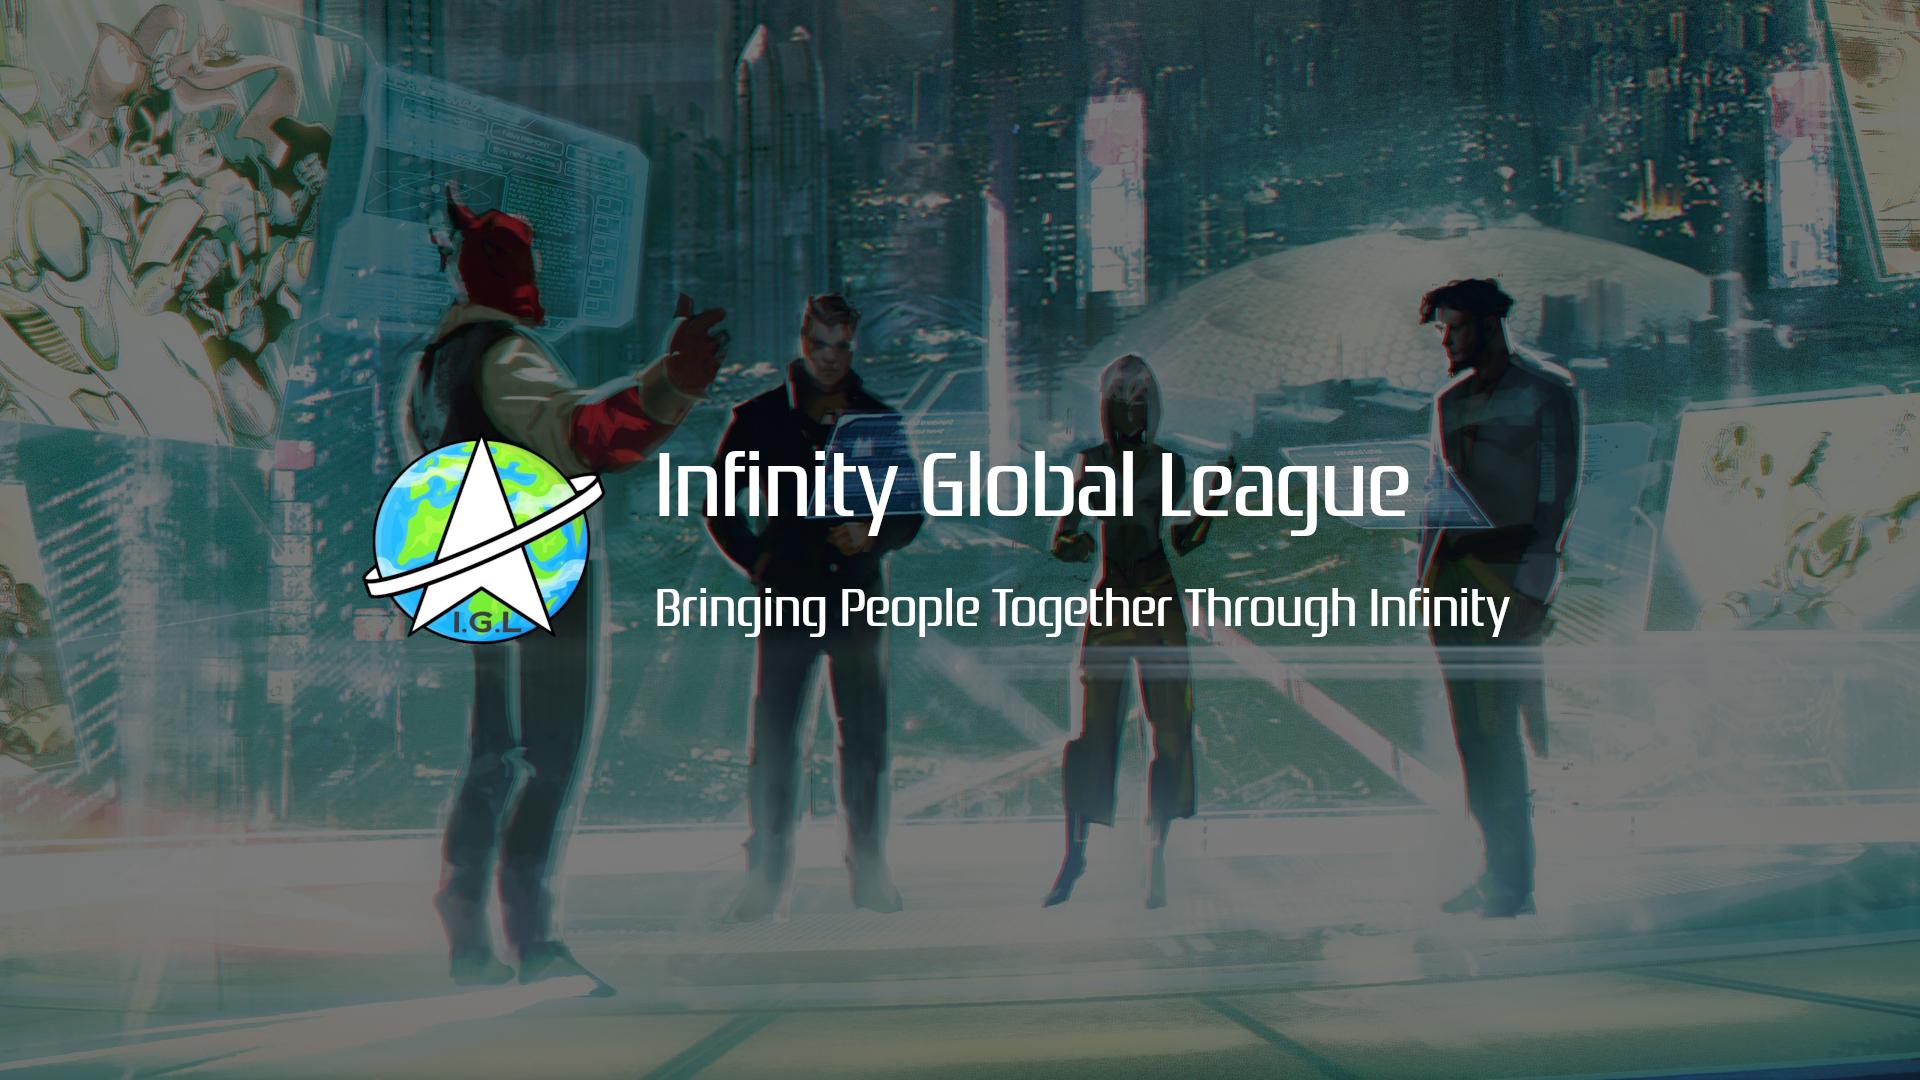 https://www.infinitygloballeague.com/wp-content/uploads/2021/06/twitter_card.jpg